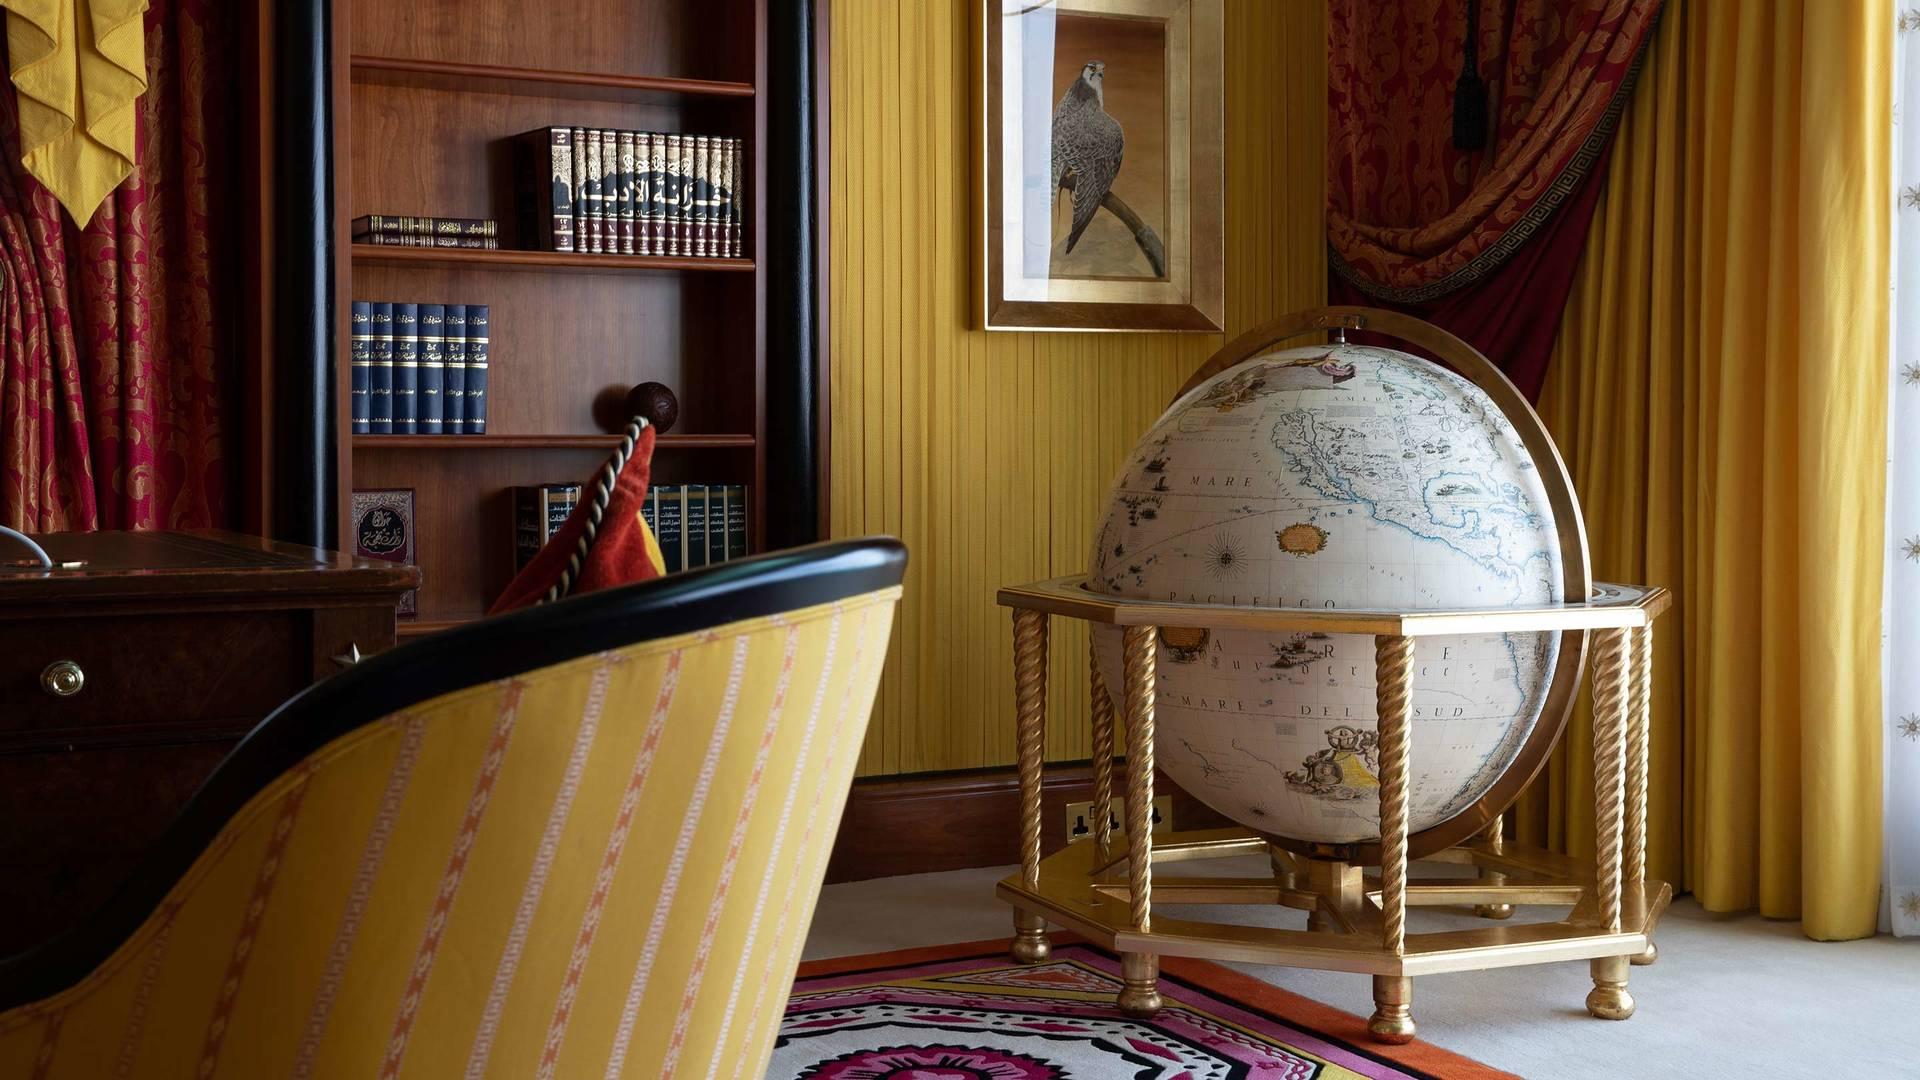 Jumeirah Burj Al Arab royal suite study room_16-9